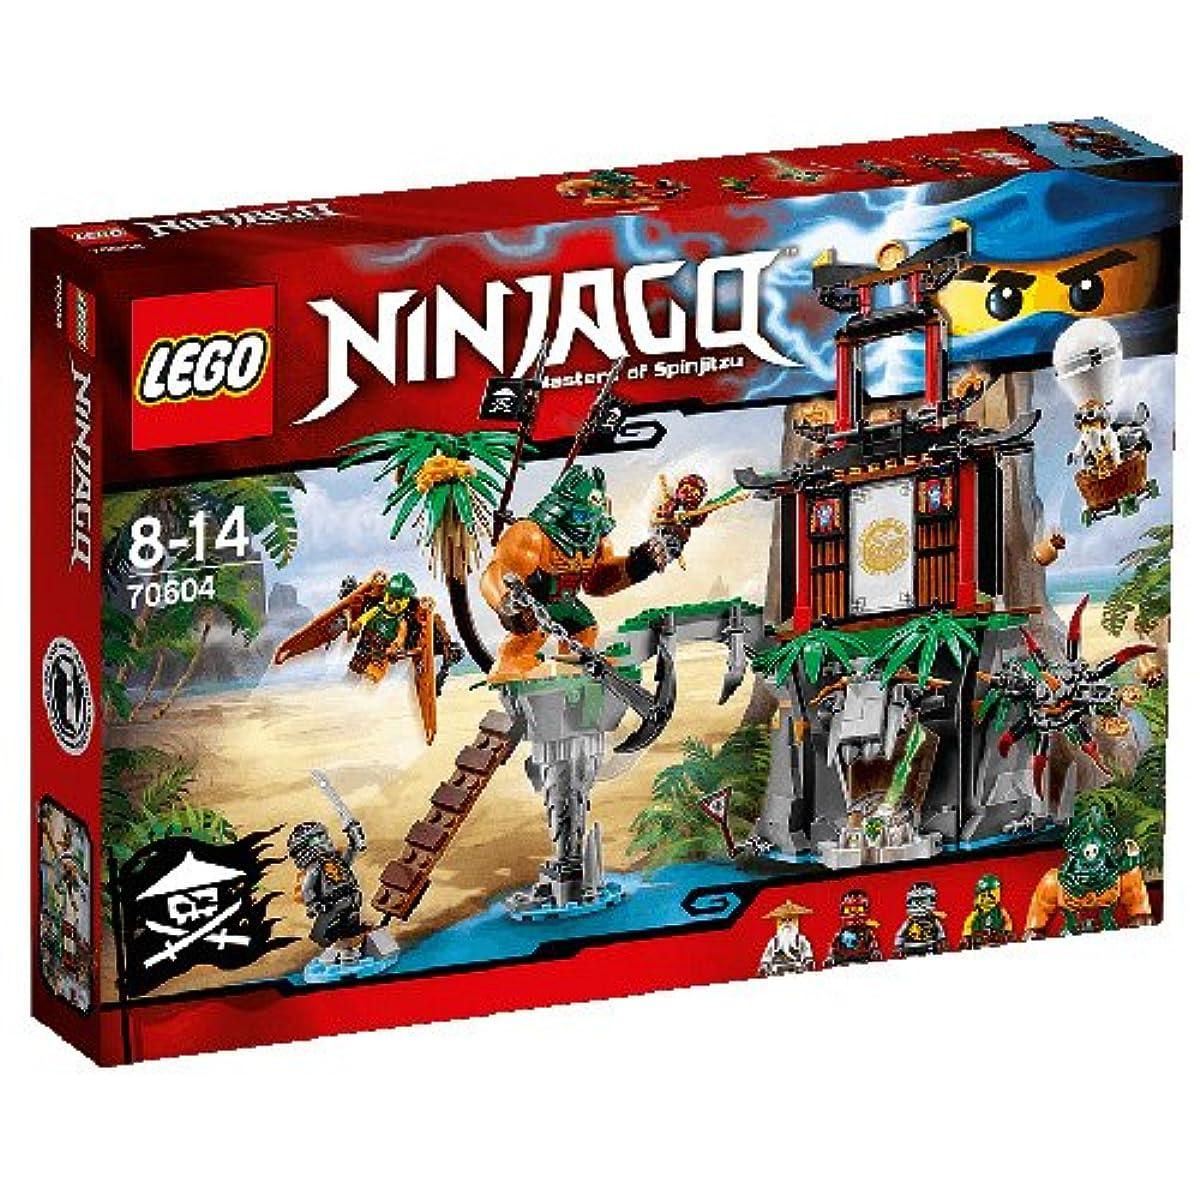 [해외] 레고 (LEGO) 닌자고 떨어져 작은 섬 티거―도 70604-70604 (2016-03-18)